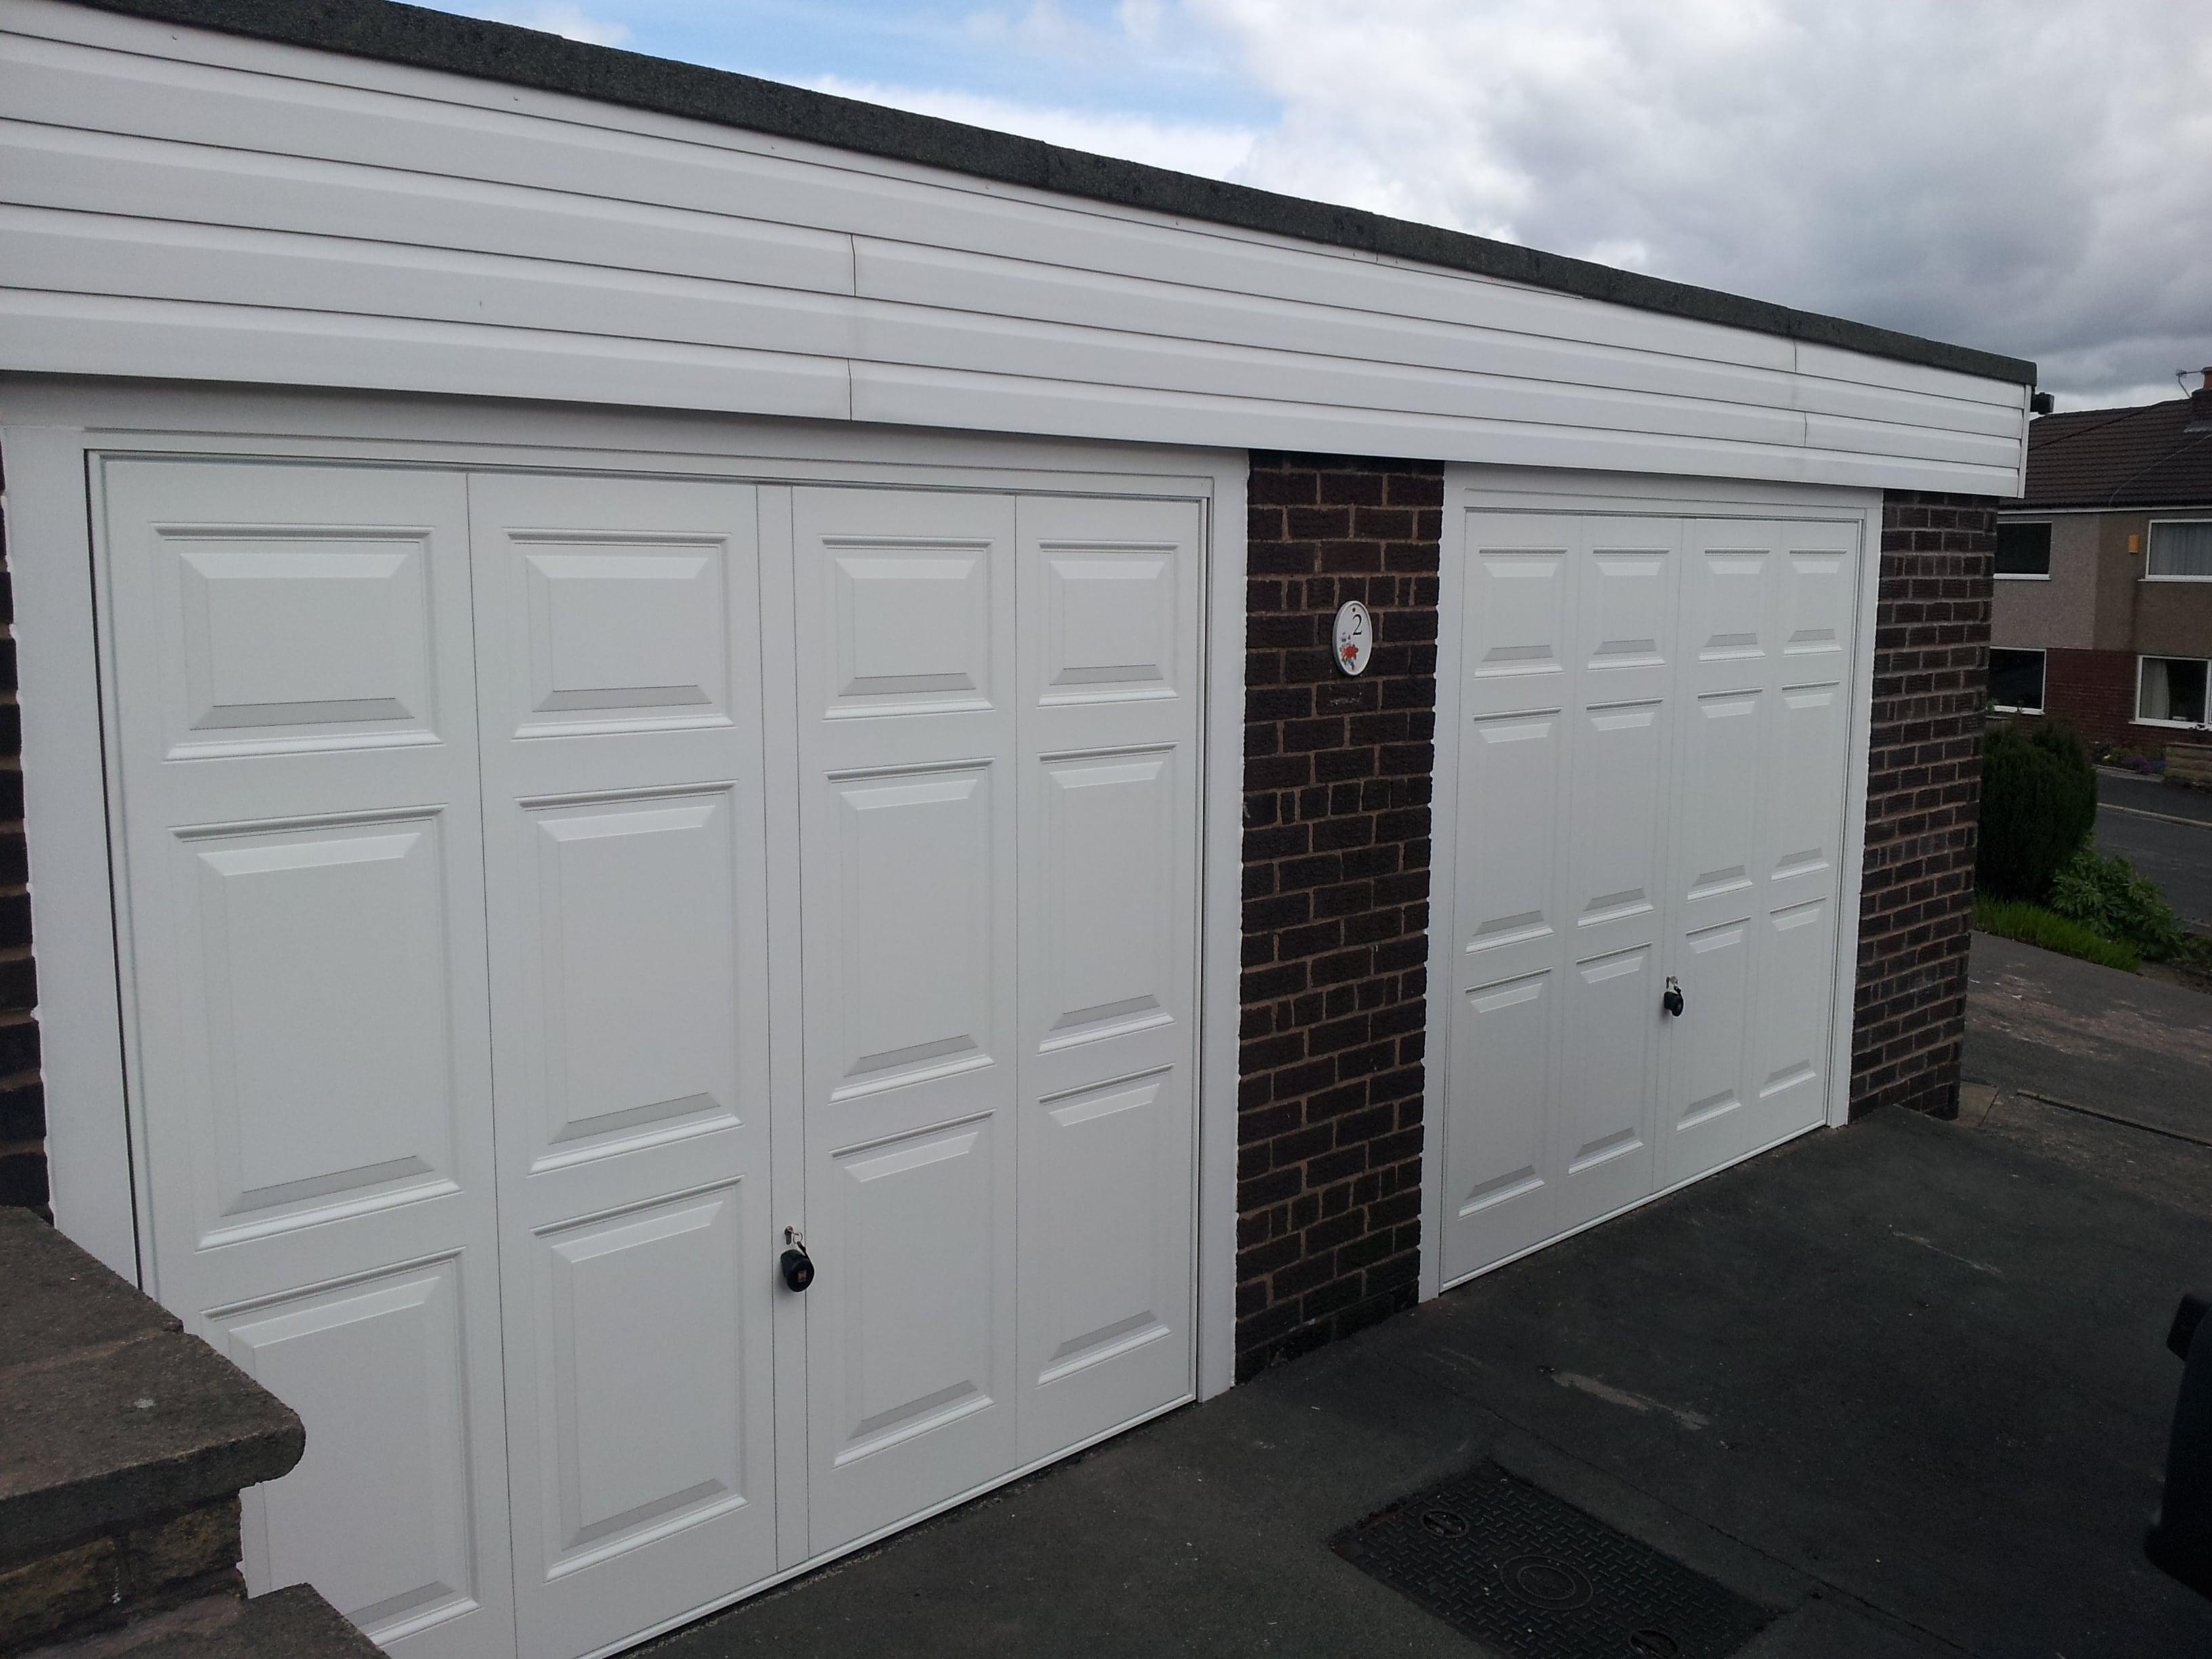 Retractable garage doors earby door services lancashire retractable garage doors p2250074 20120918151102 20130130123309 20130522122106 rubansaba